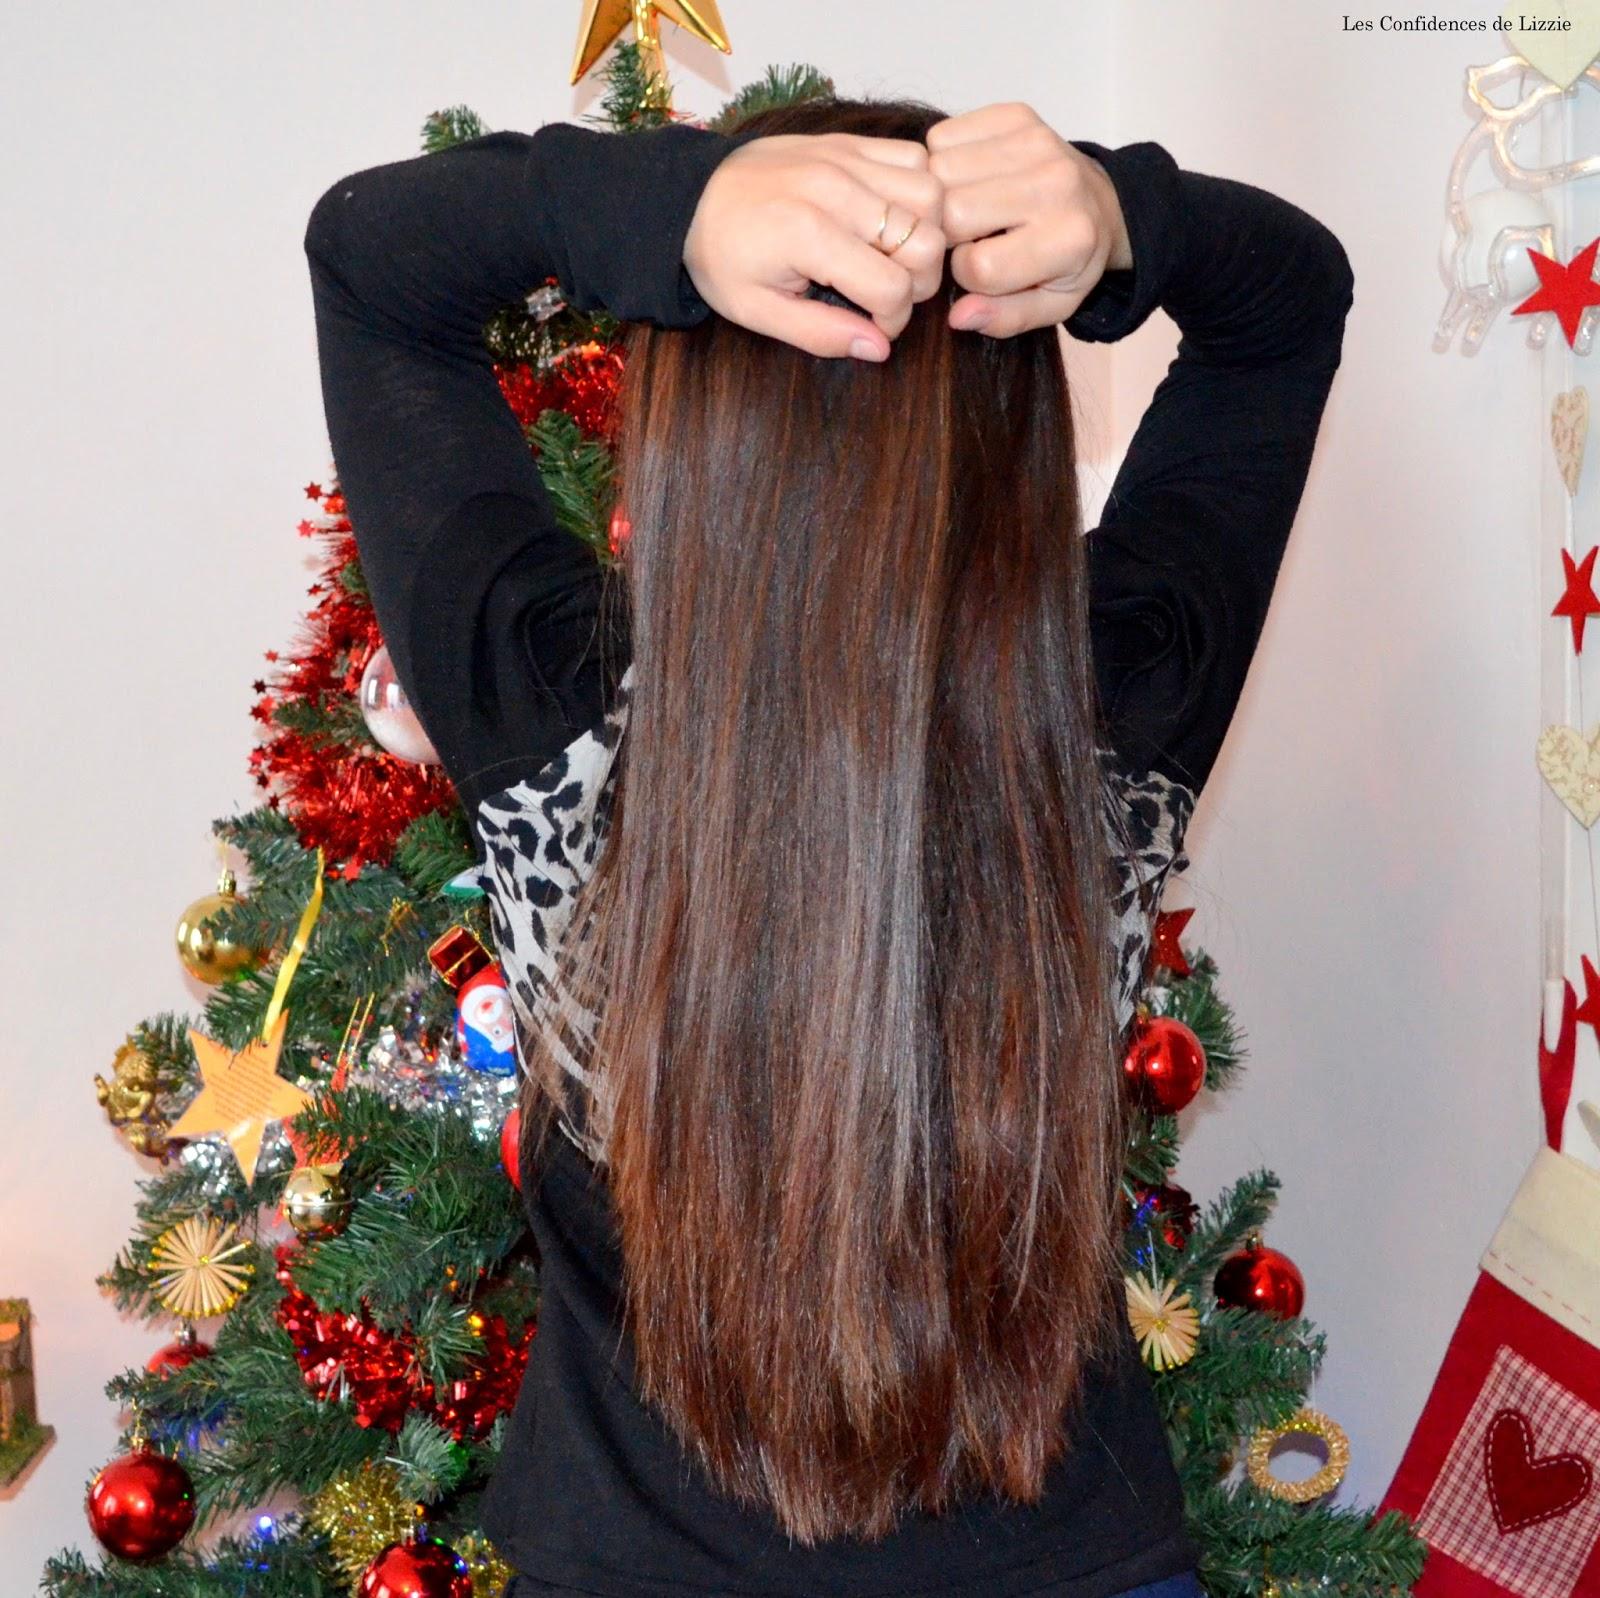 cheveux - cheveux lissés - cheveux souples - beaux cheveux - entretenir facilement ses cheveux - cheveux soyeux - cheveux doux